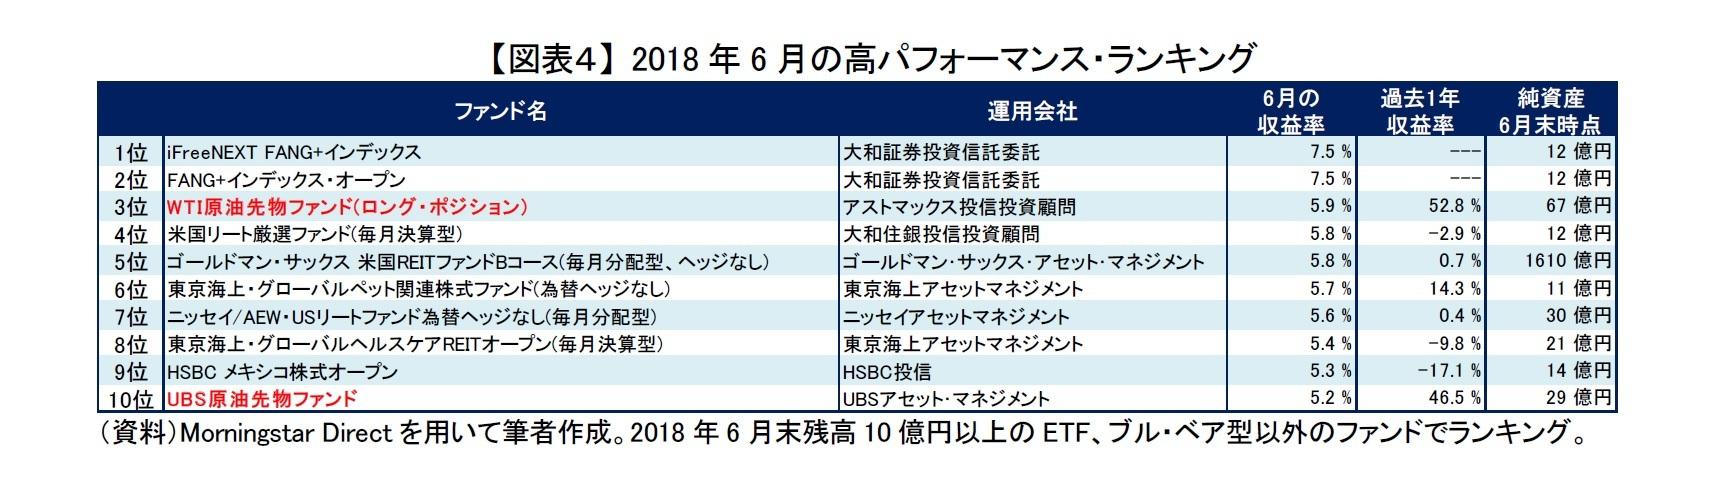 【図表4】 2018年6月の高パフォーマンス・ランキング